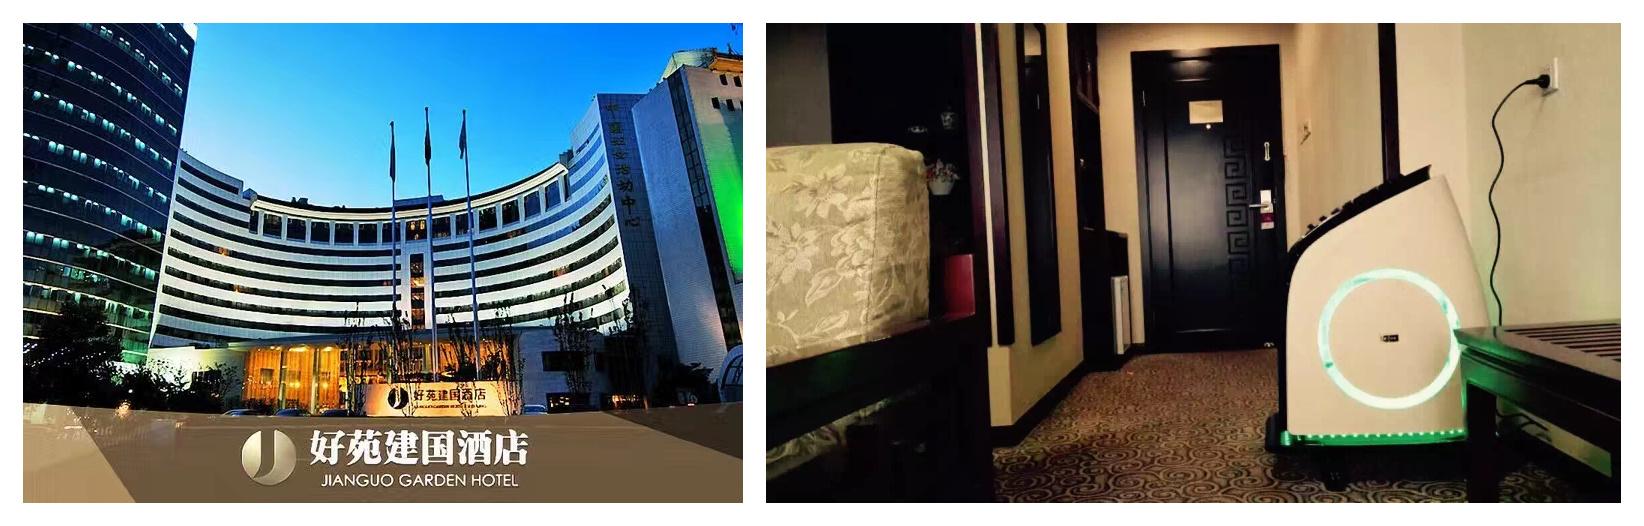 建国酒店_?#21271;?jpg